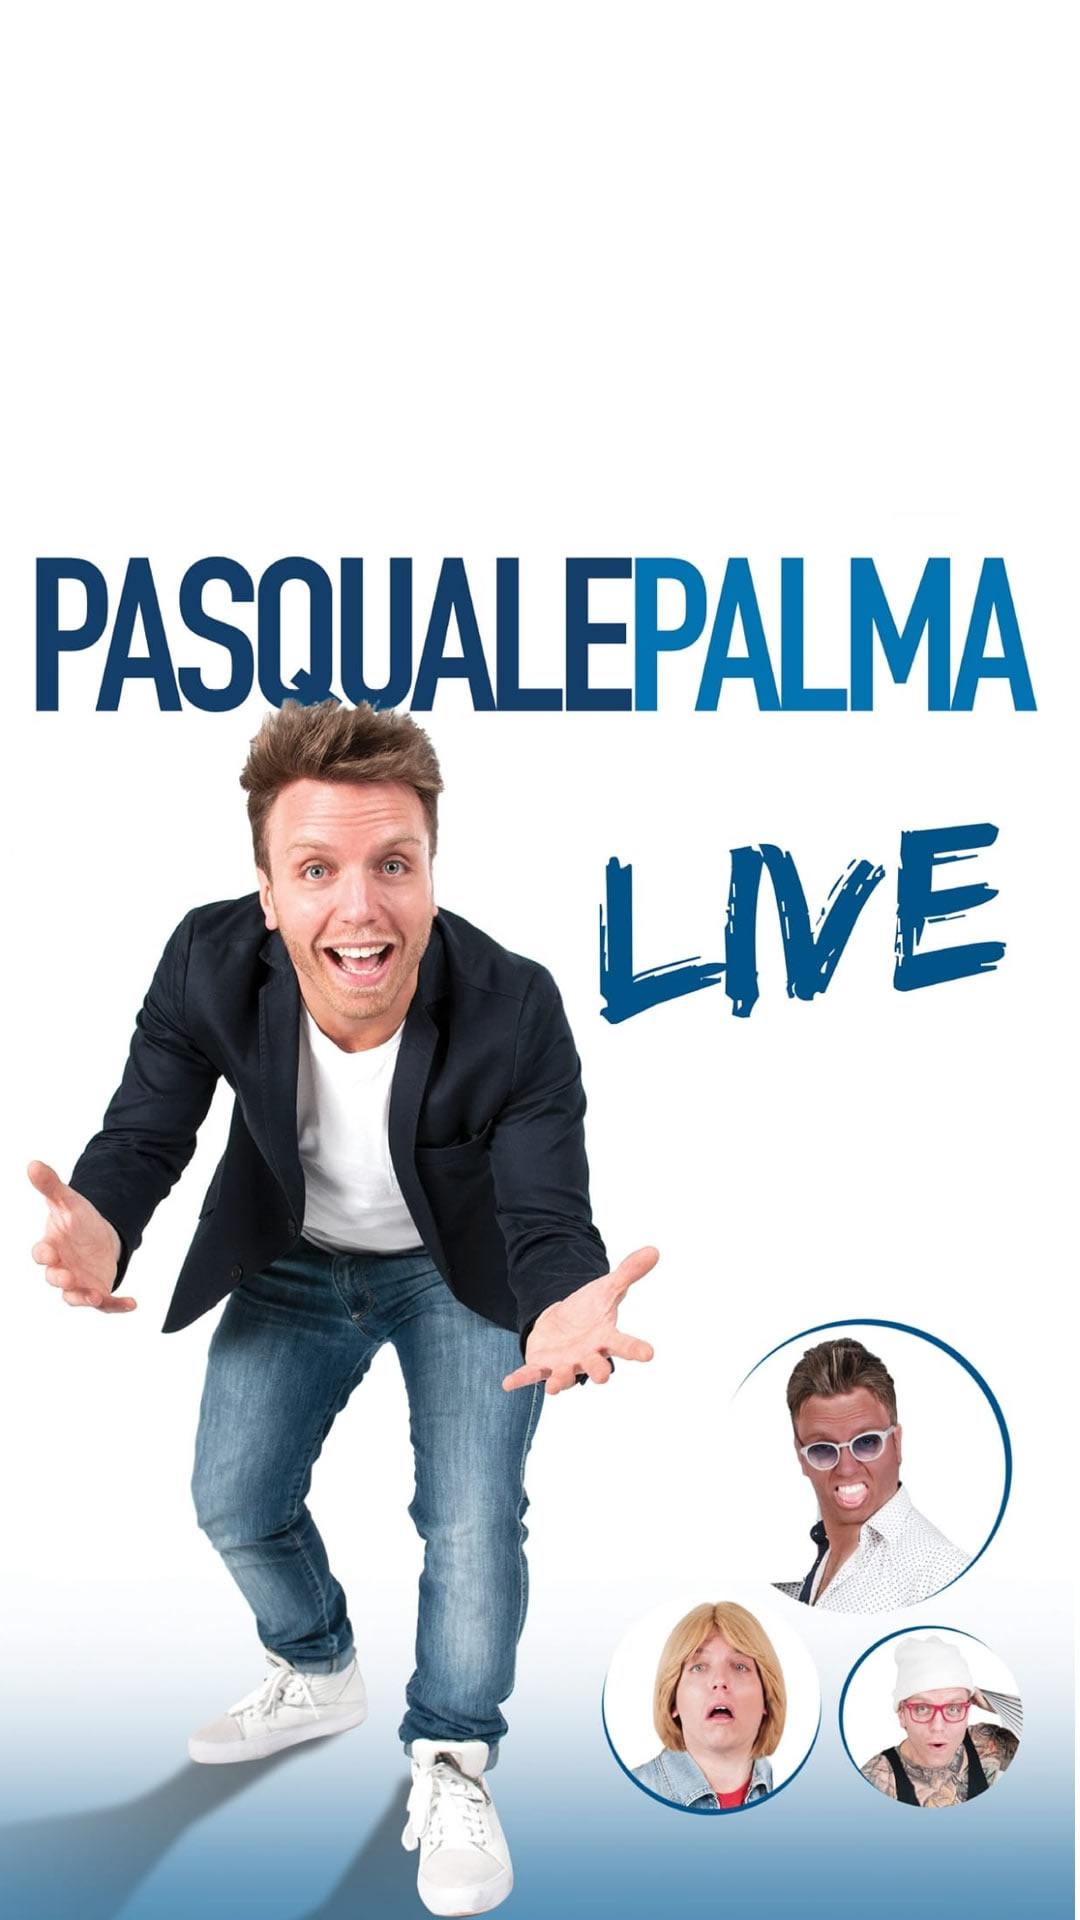 Contatti artistici Pasquale Palma